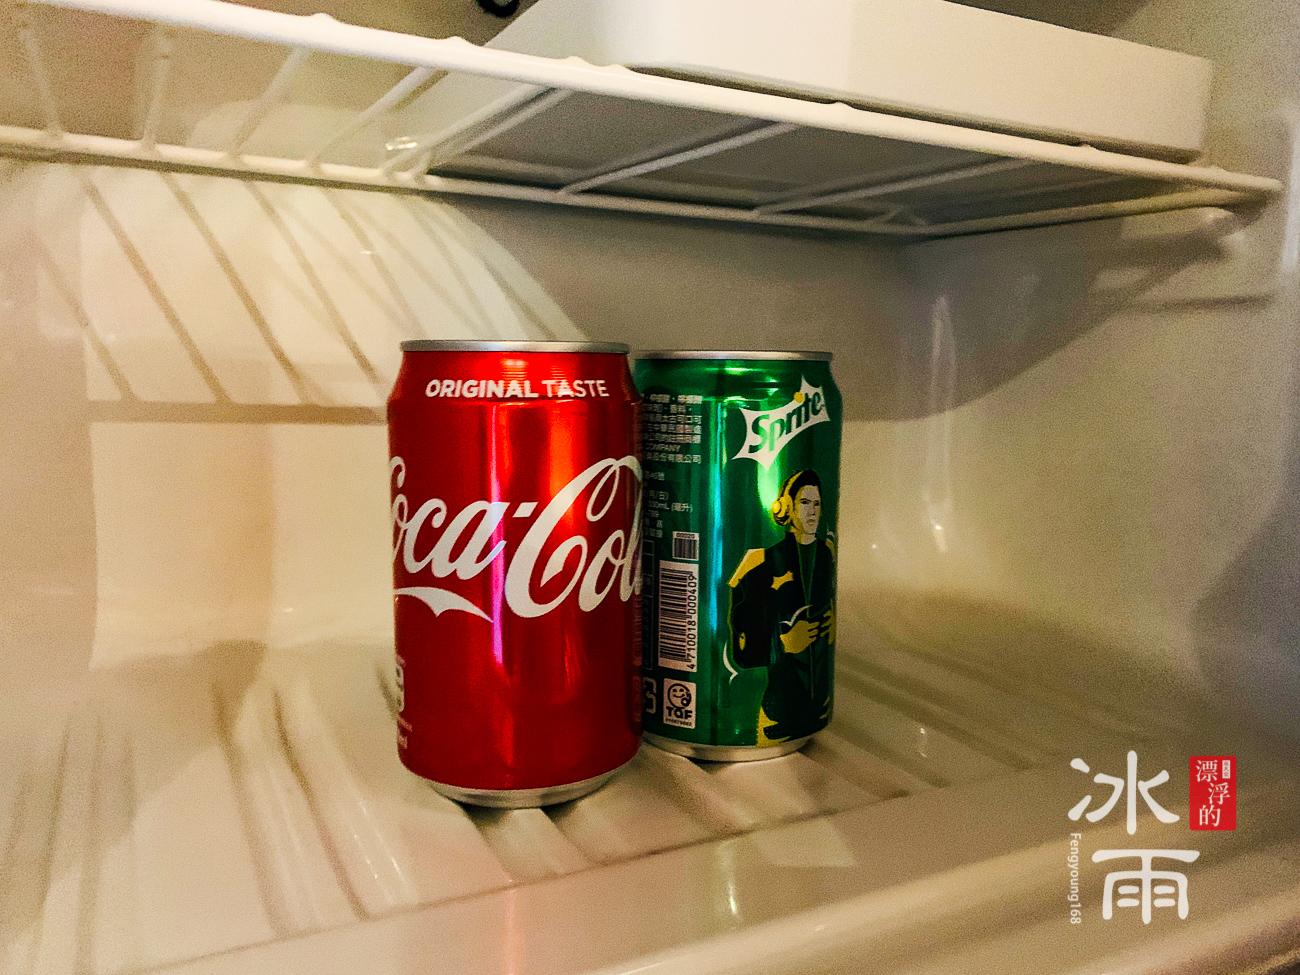 福華大飯店|冰箱內迎賓飲料